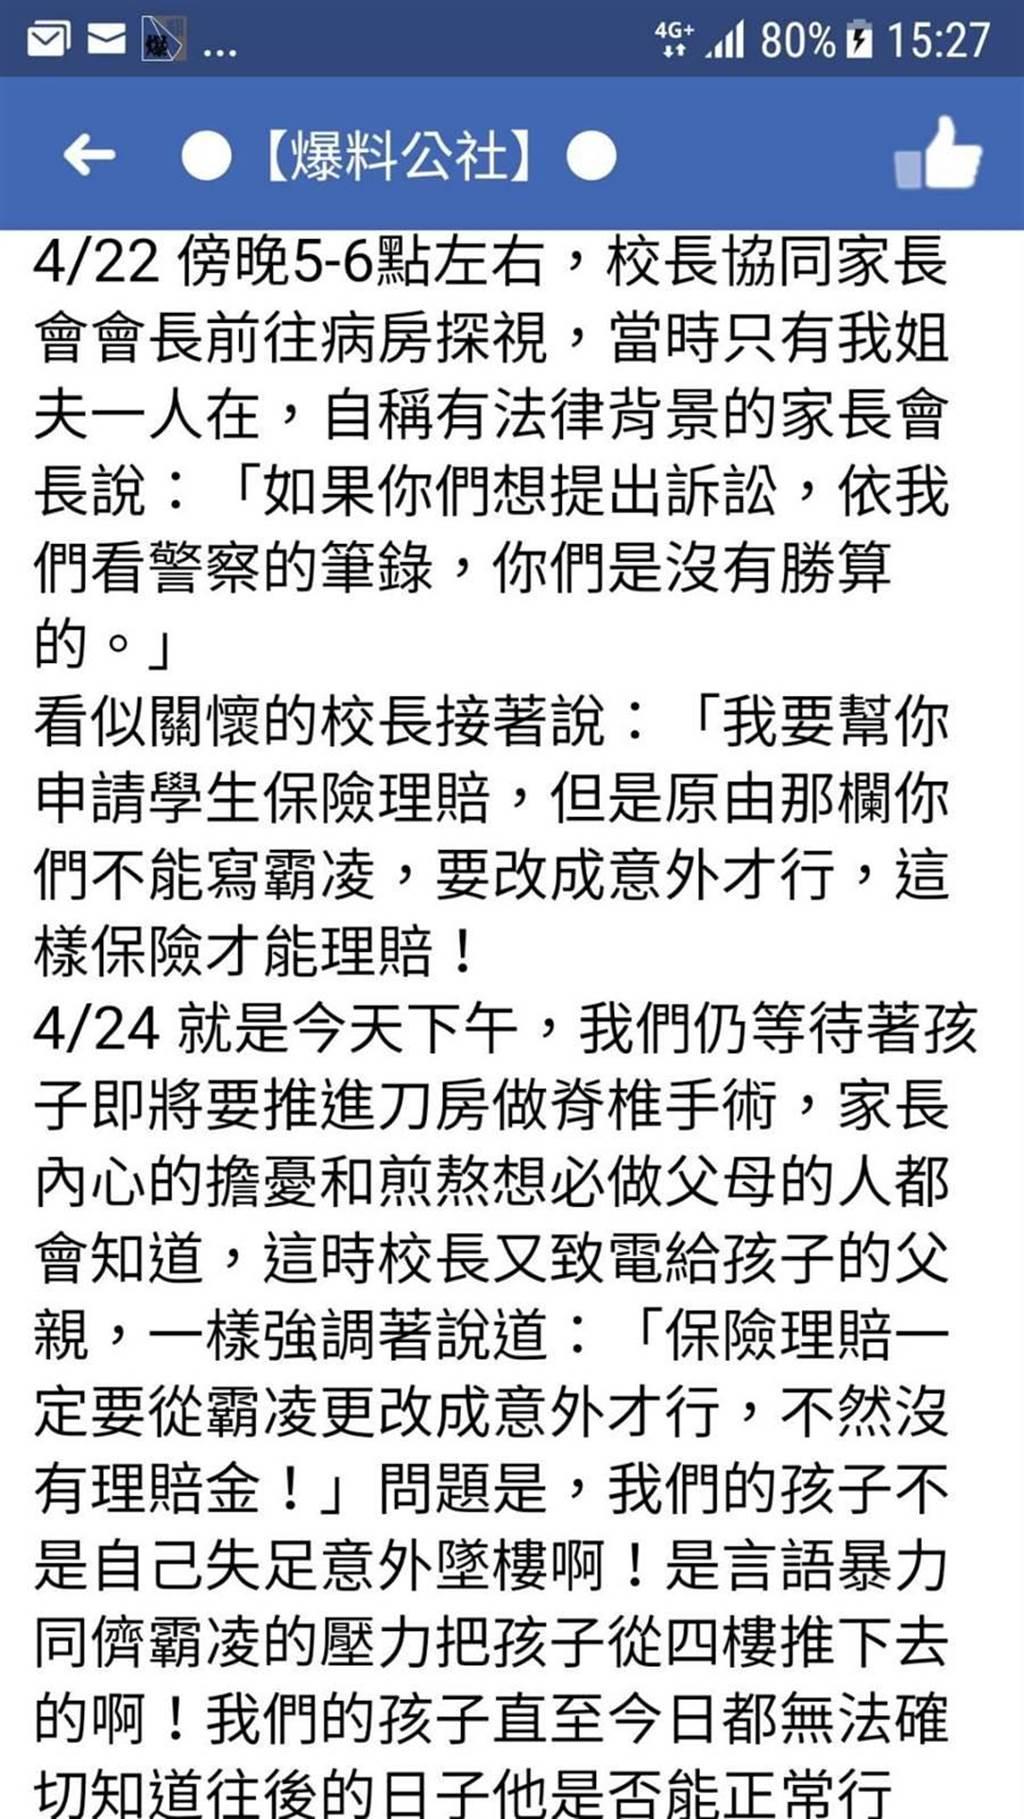 該家屬不滿指控,劉被班上3名同學霸凌,校方要劉生父親,申請學生保險理賠理由,不能寫霸凌,要改成意外。(照片翻攝《爆料公社》)